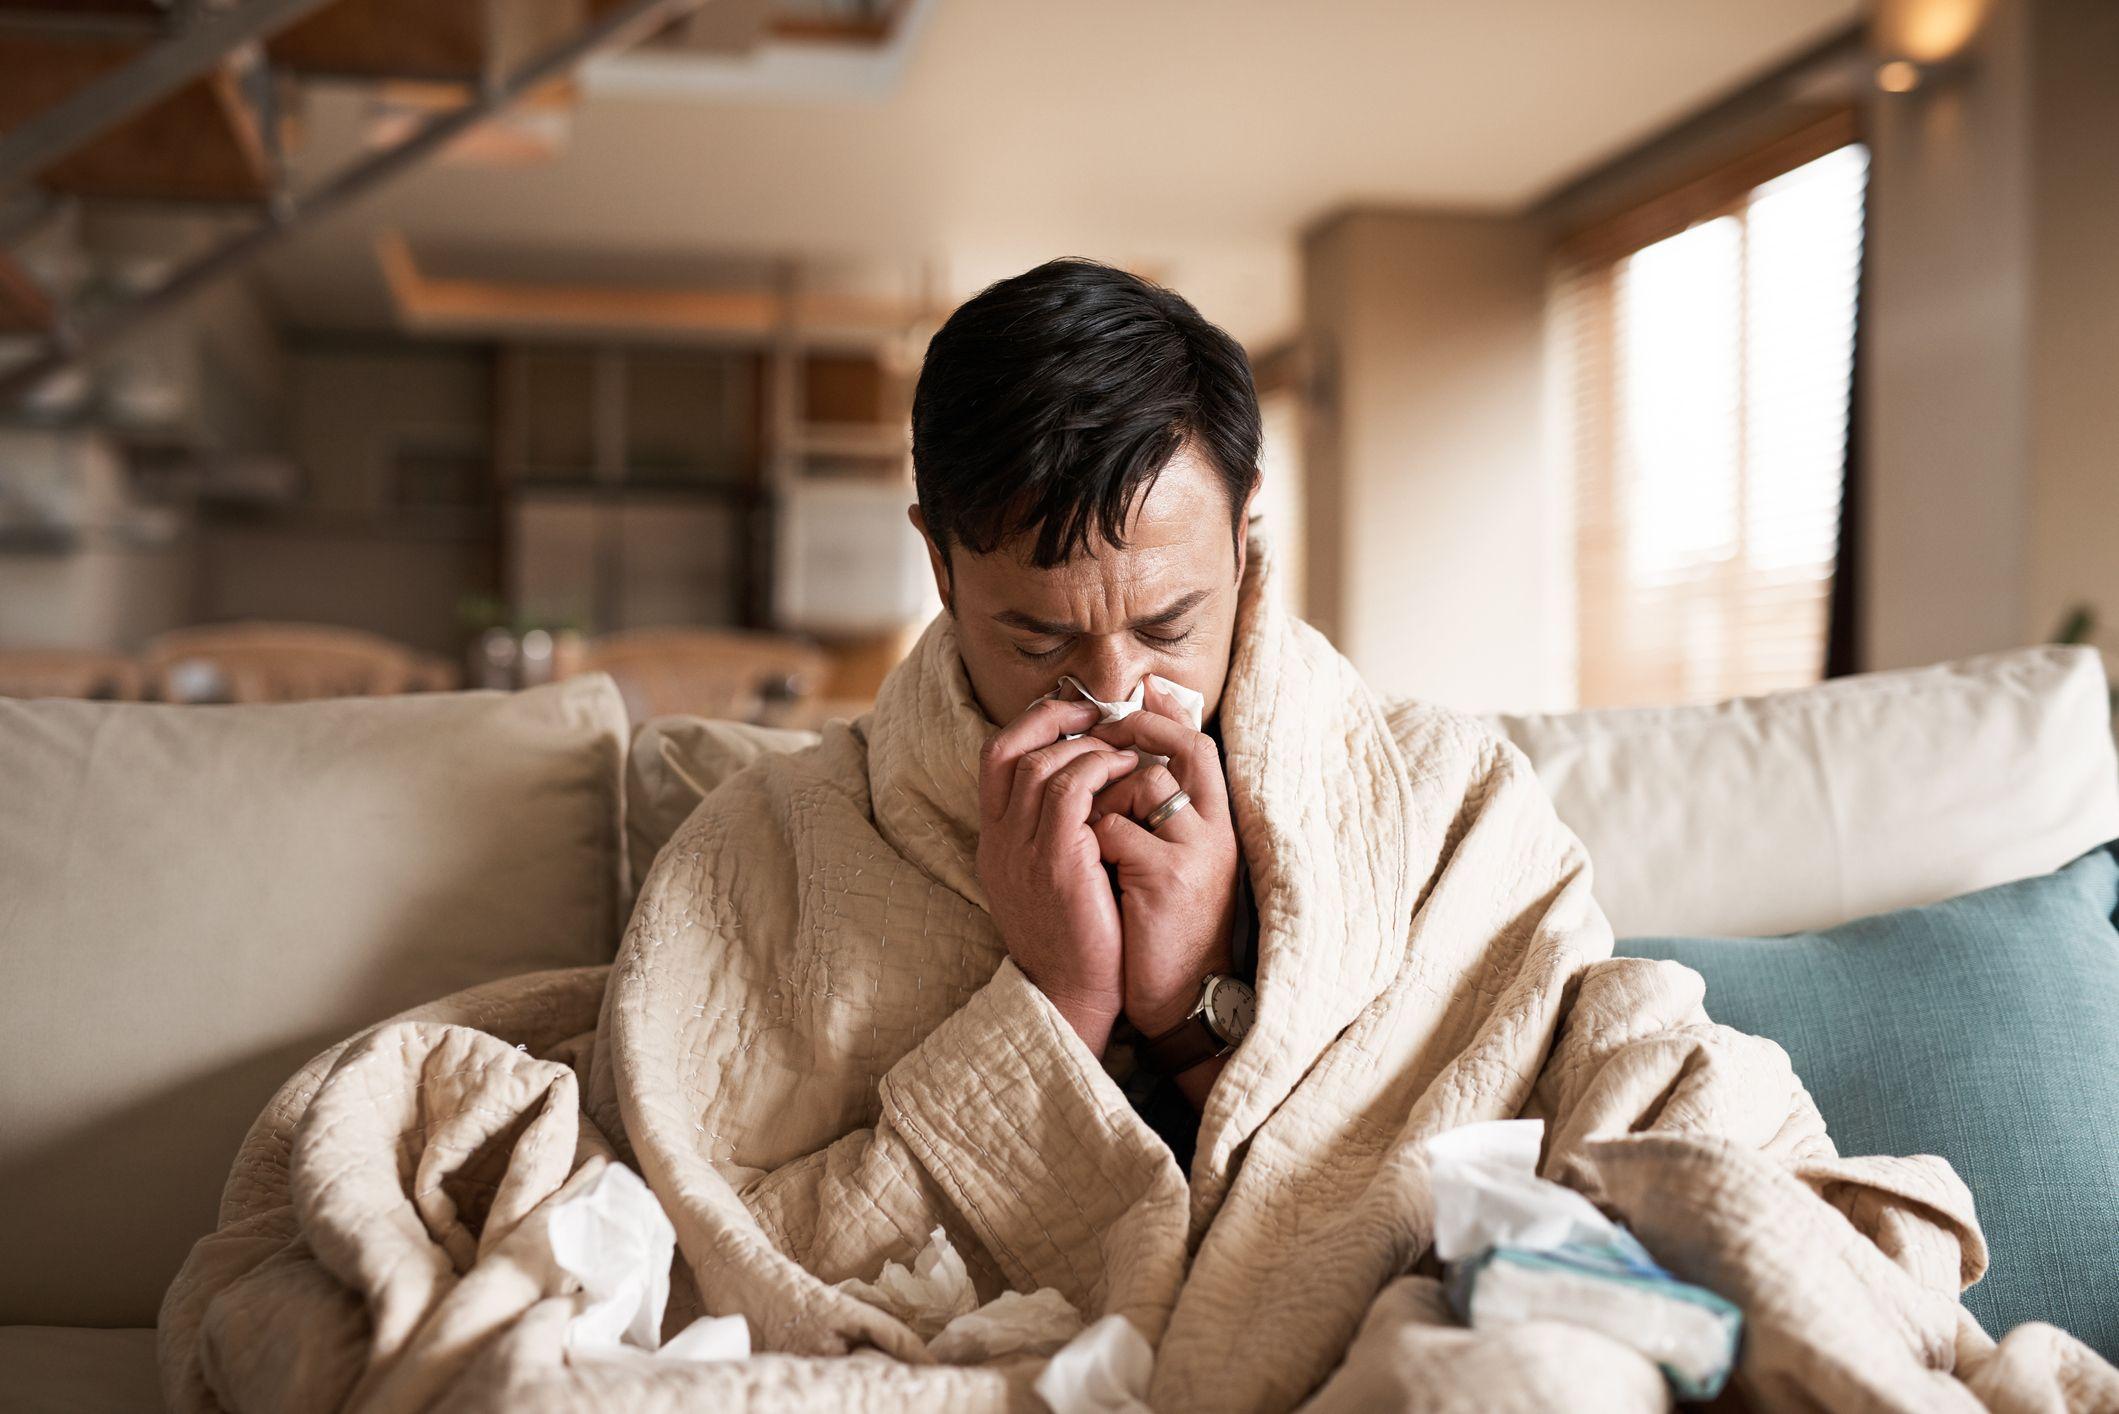 Sick Spin Hurt Parim tootja glukosamiini chondroitina